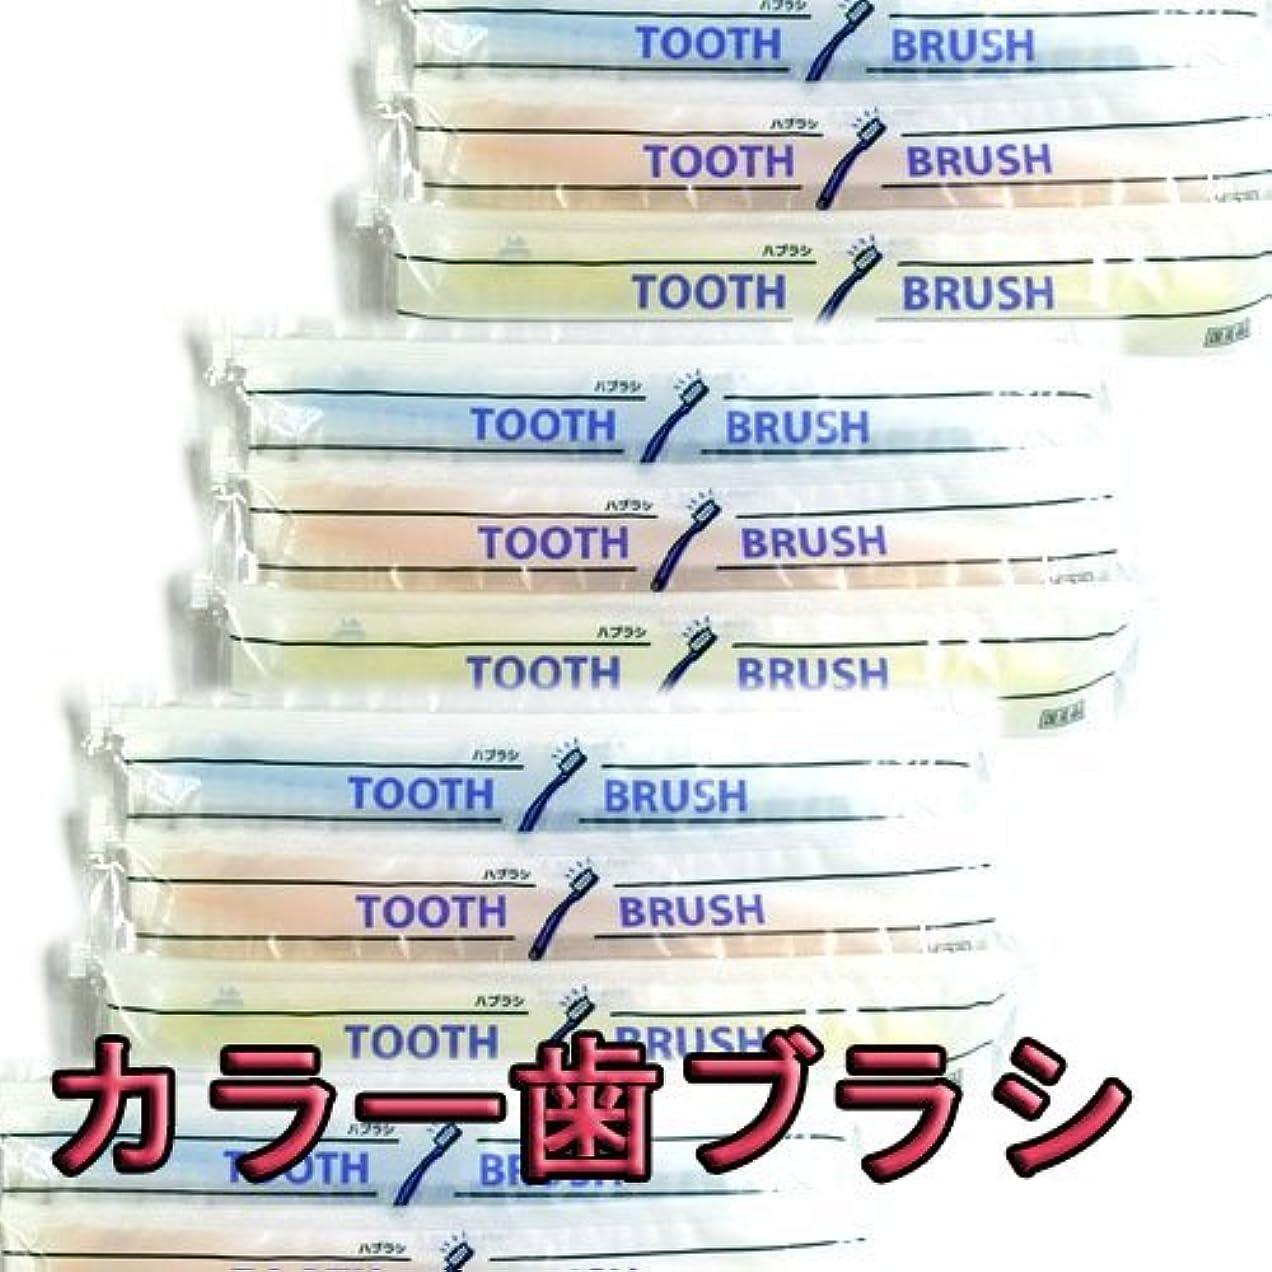 自分消費者下位使い捨て(インスタント) 粉付き歯ブラシ(10本組)(旅行用?お客様用に) 増量中 日本製